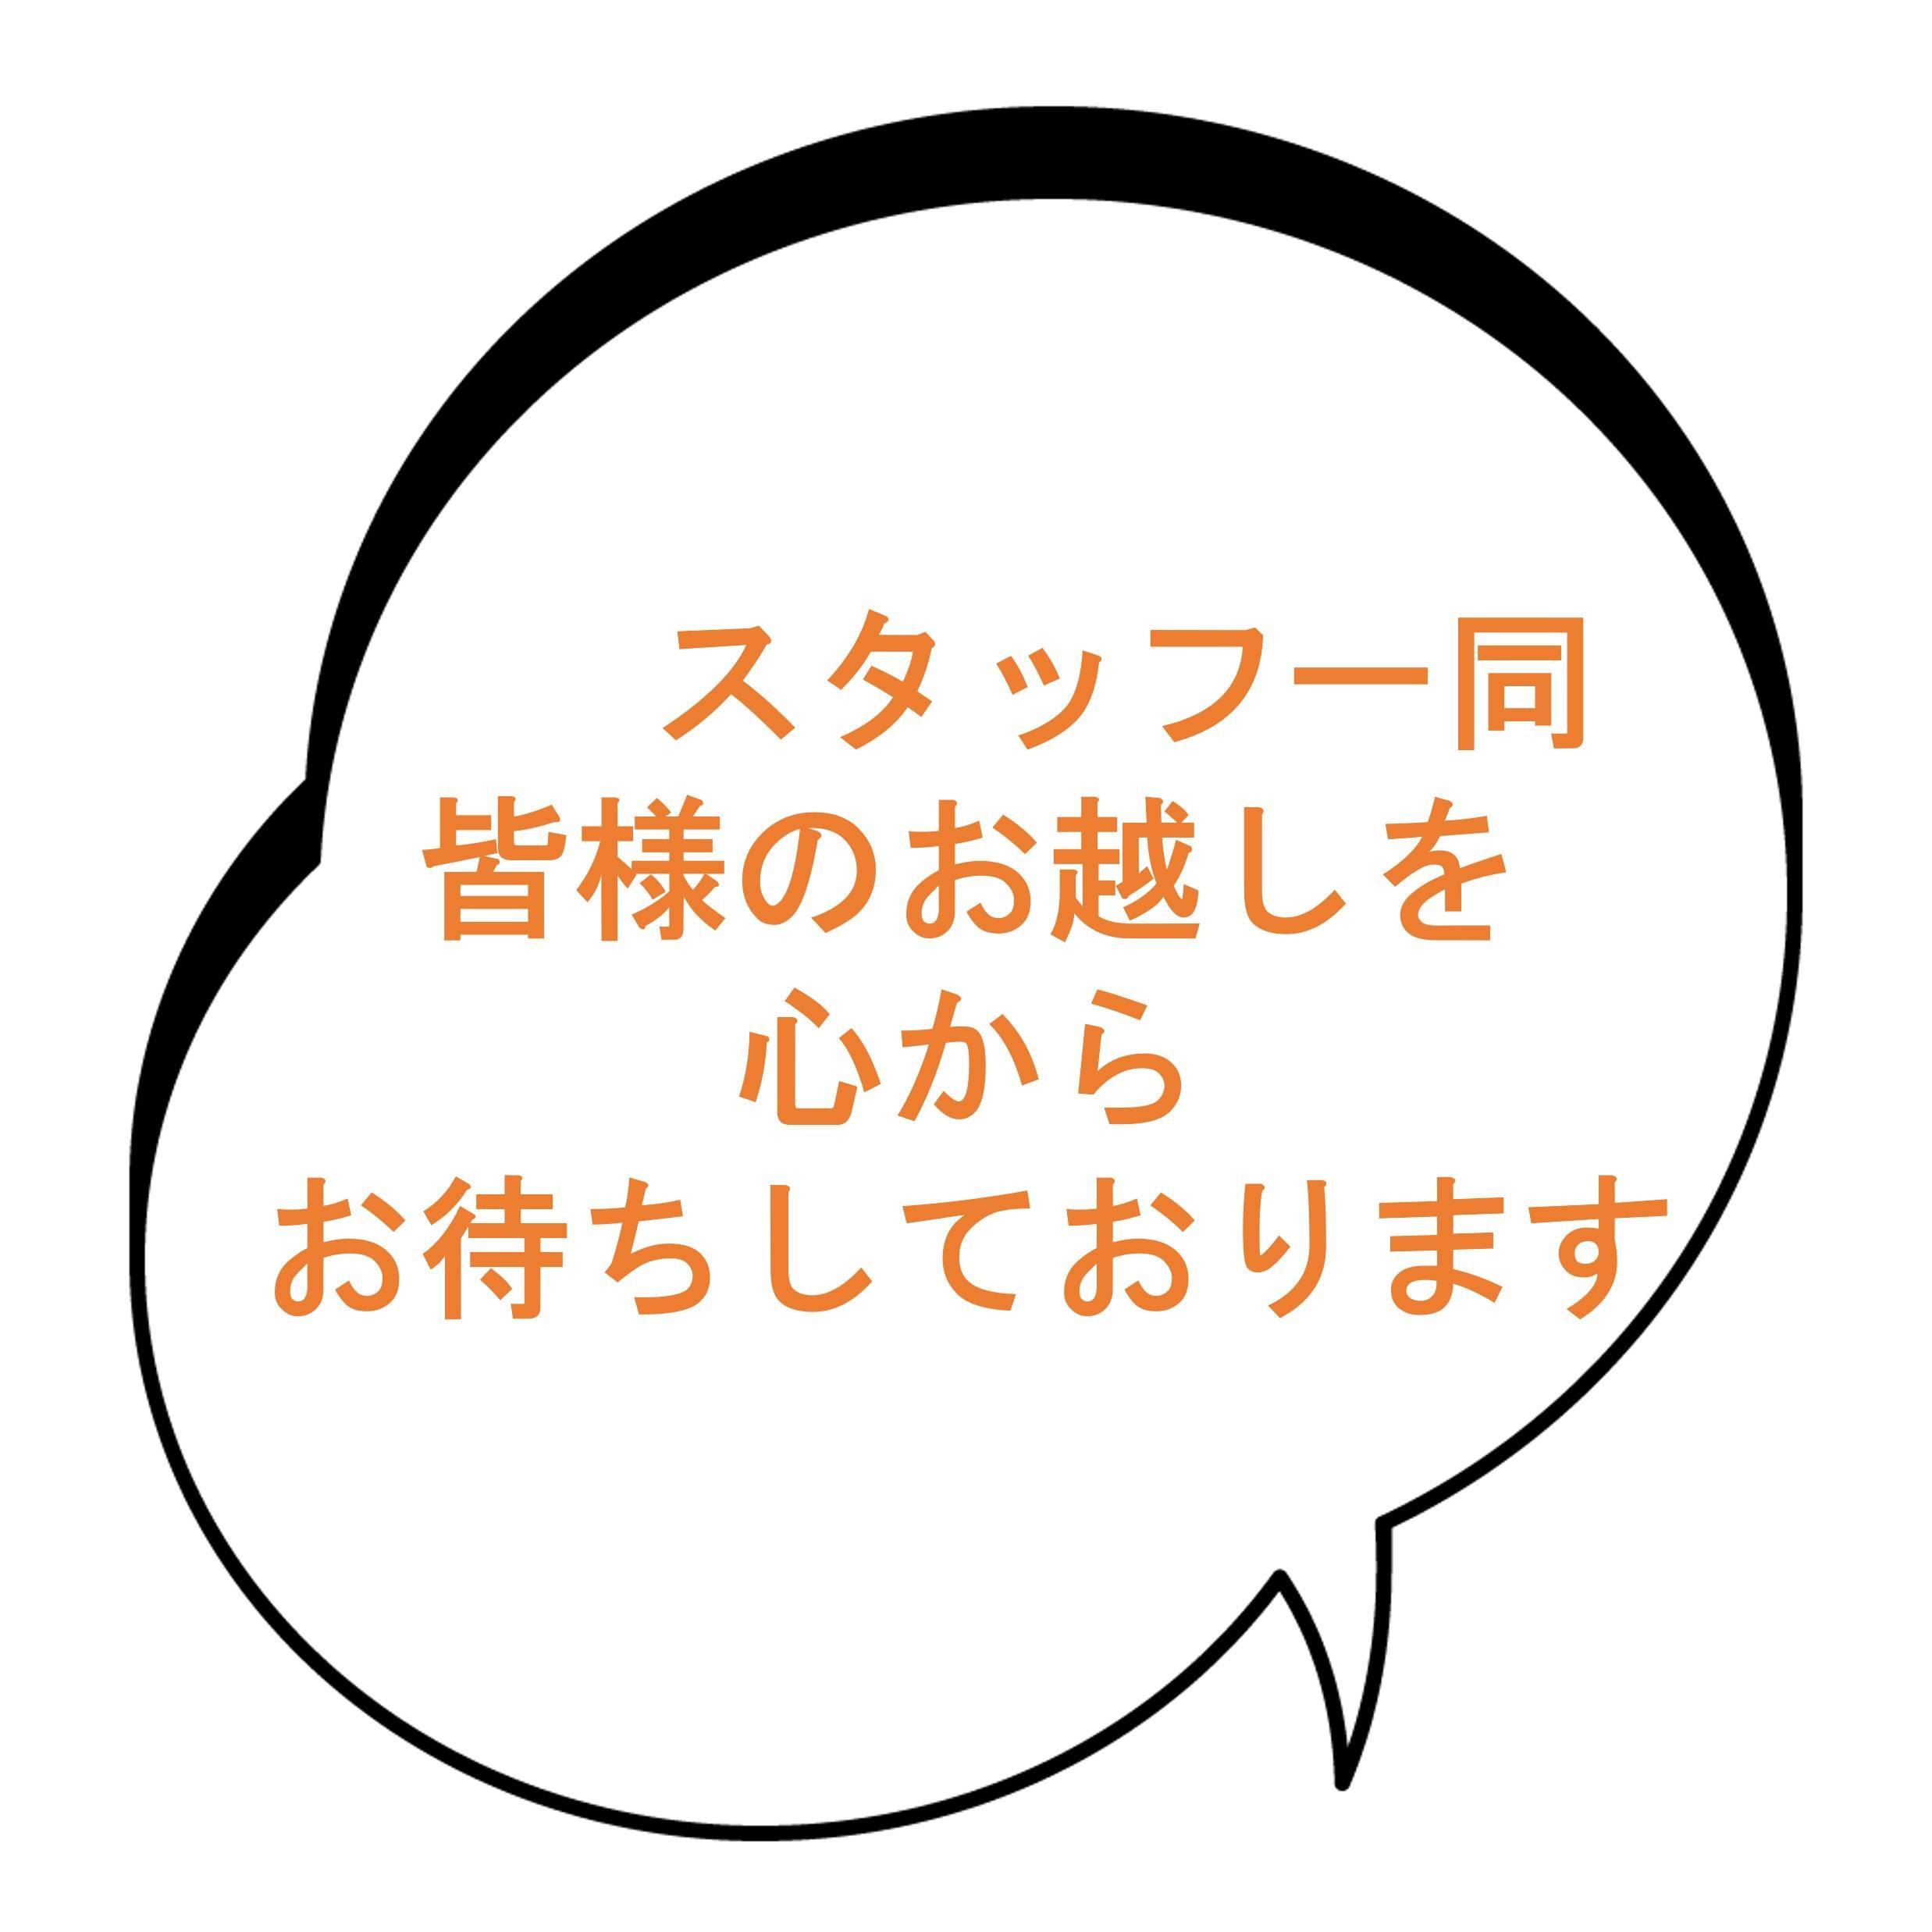 秋のリフォーム祭り開催のお知らせです 野尻トーヨー住器のイベントキャンペーン 写真7